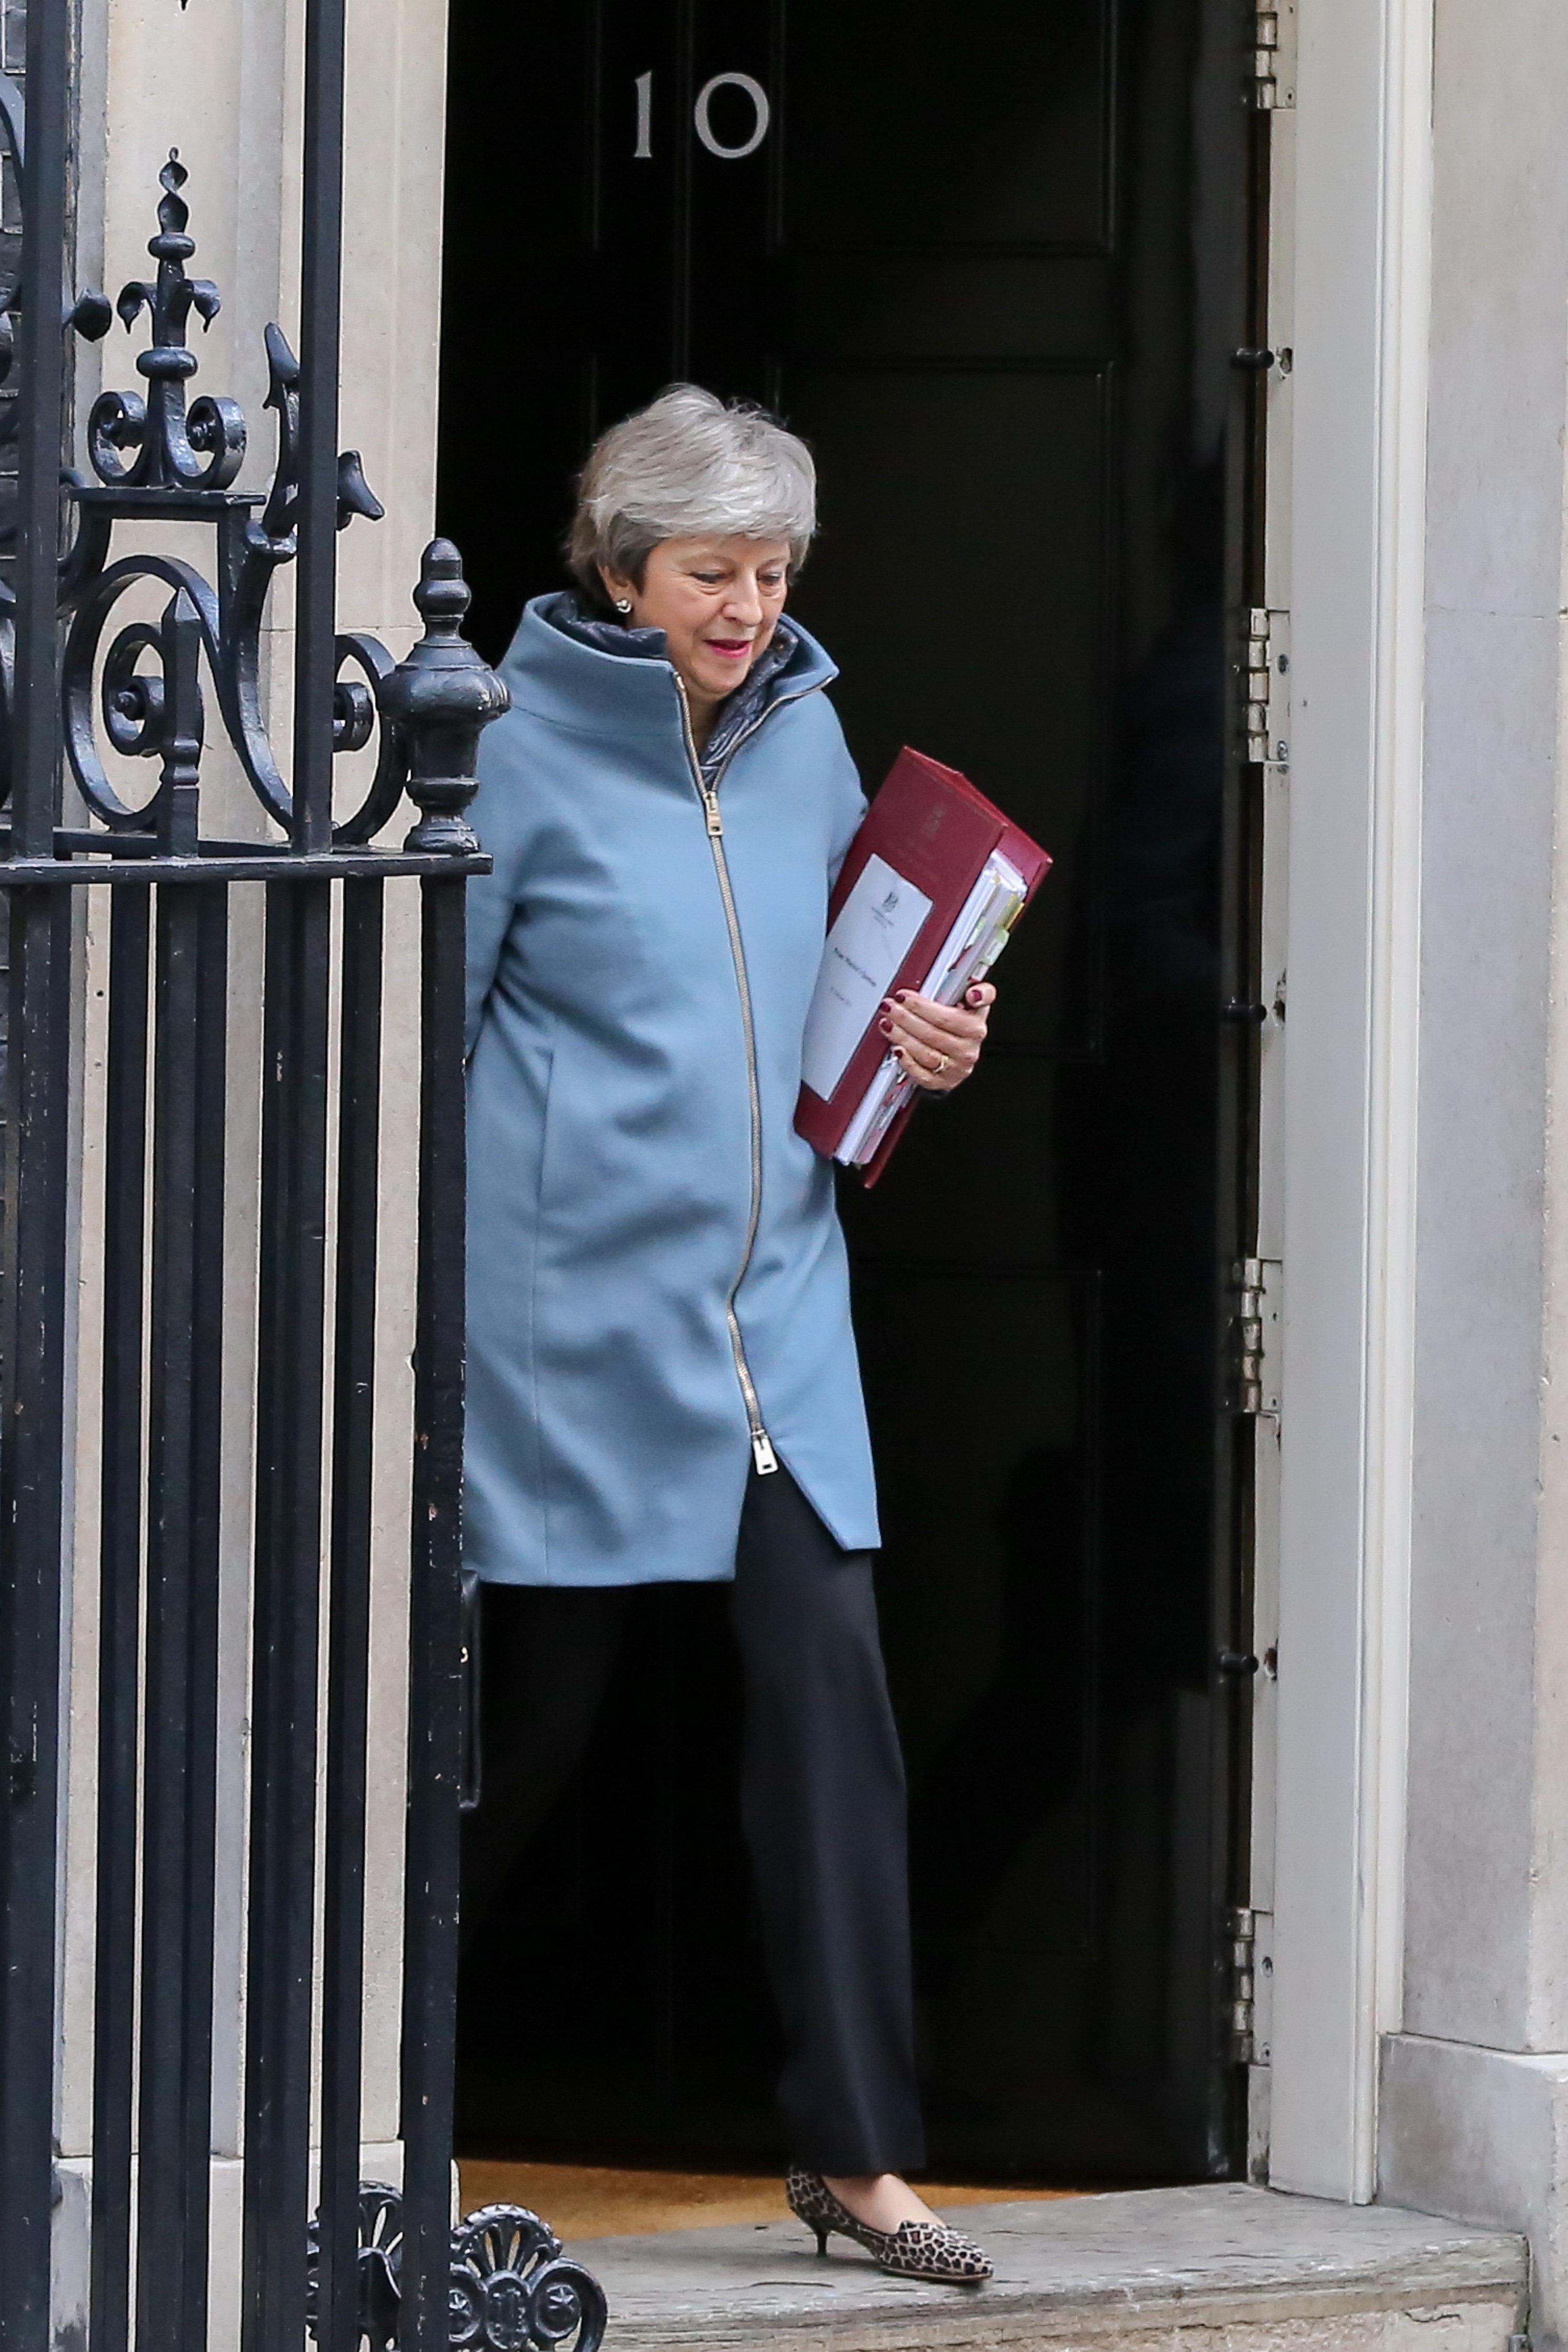 Bahnt sich eine Lösung im Brexit-Streit an? Das müsst ihr jetzt